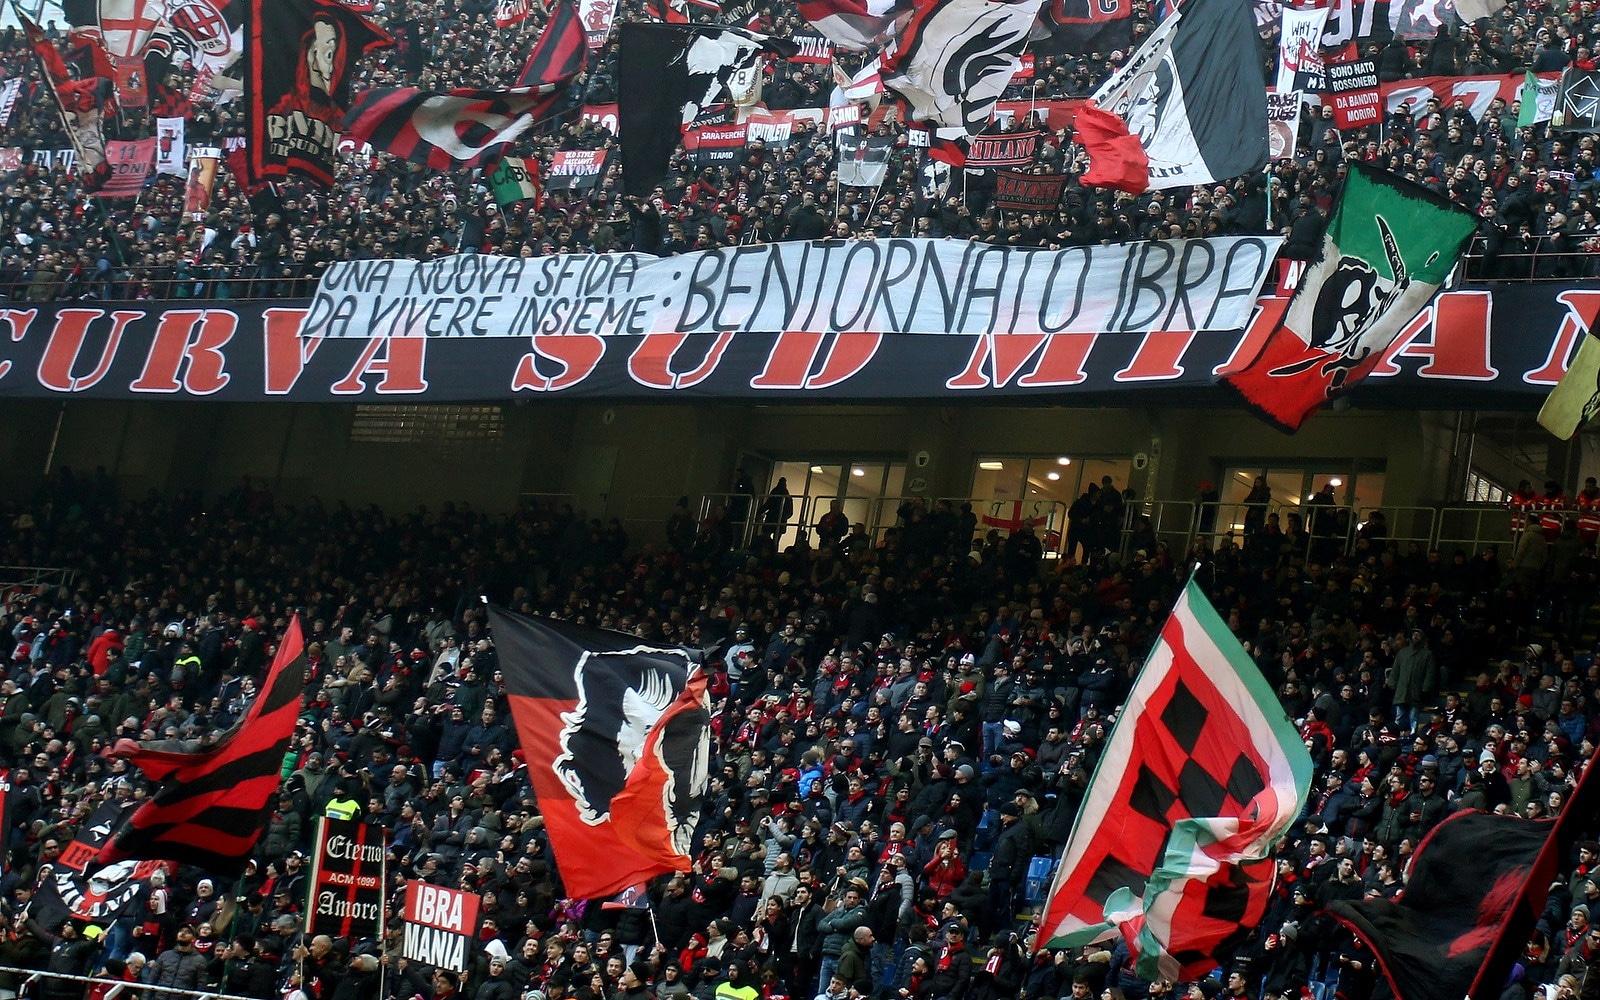 伊布晒出米兰球迷现场图:非常感谢你们!